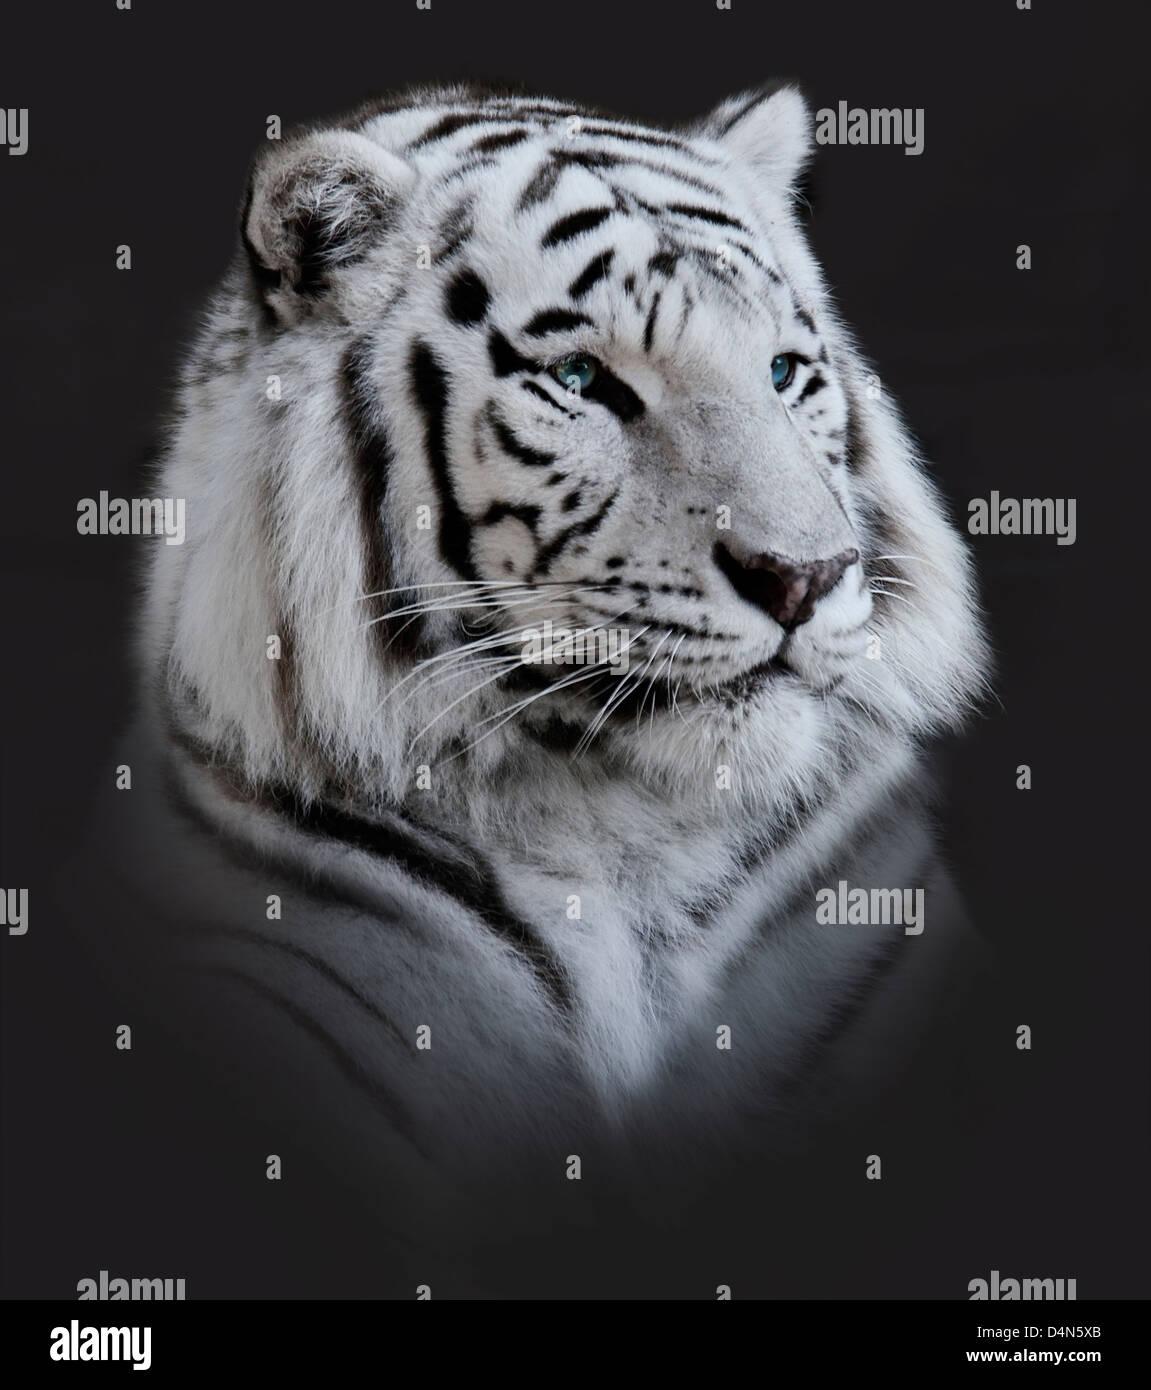 La Tigre Bianca ritratto su sfondo scuro Immagini Stock